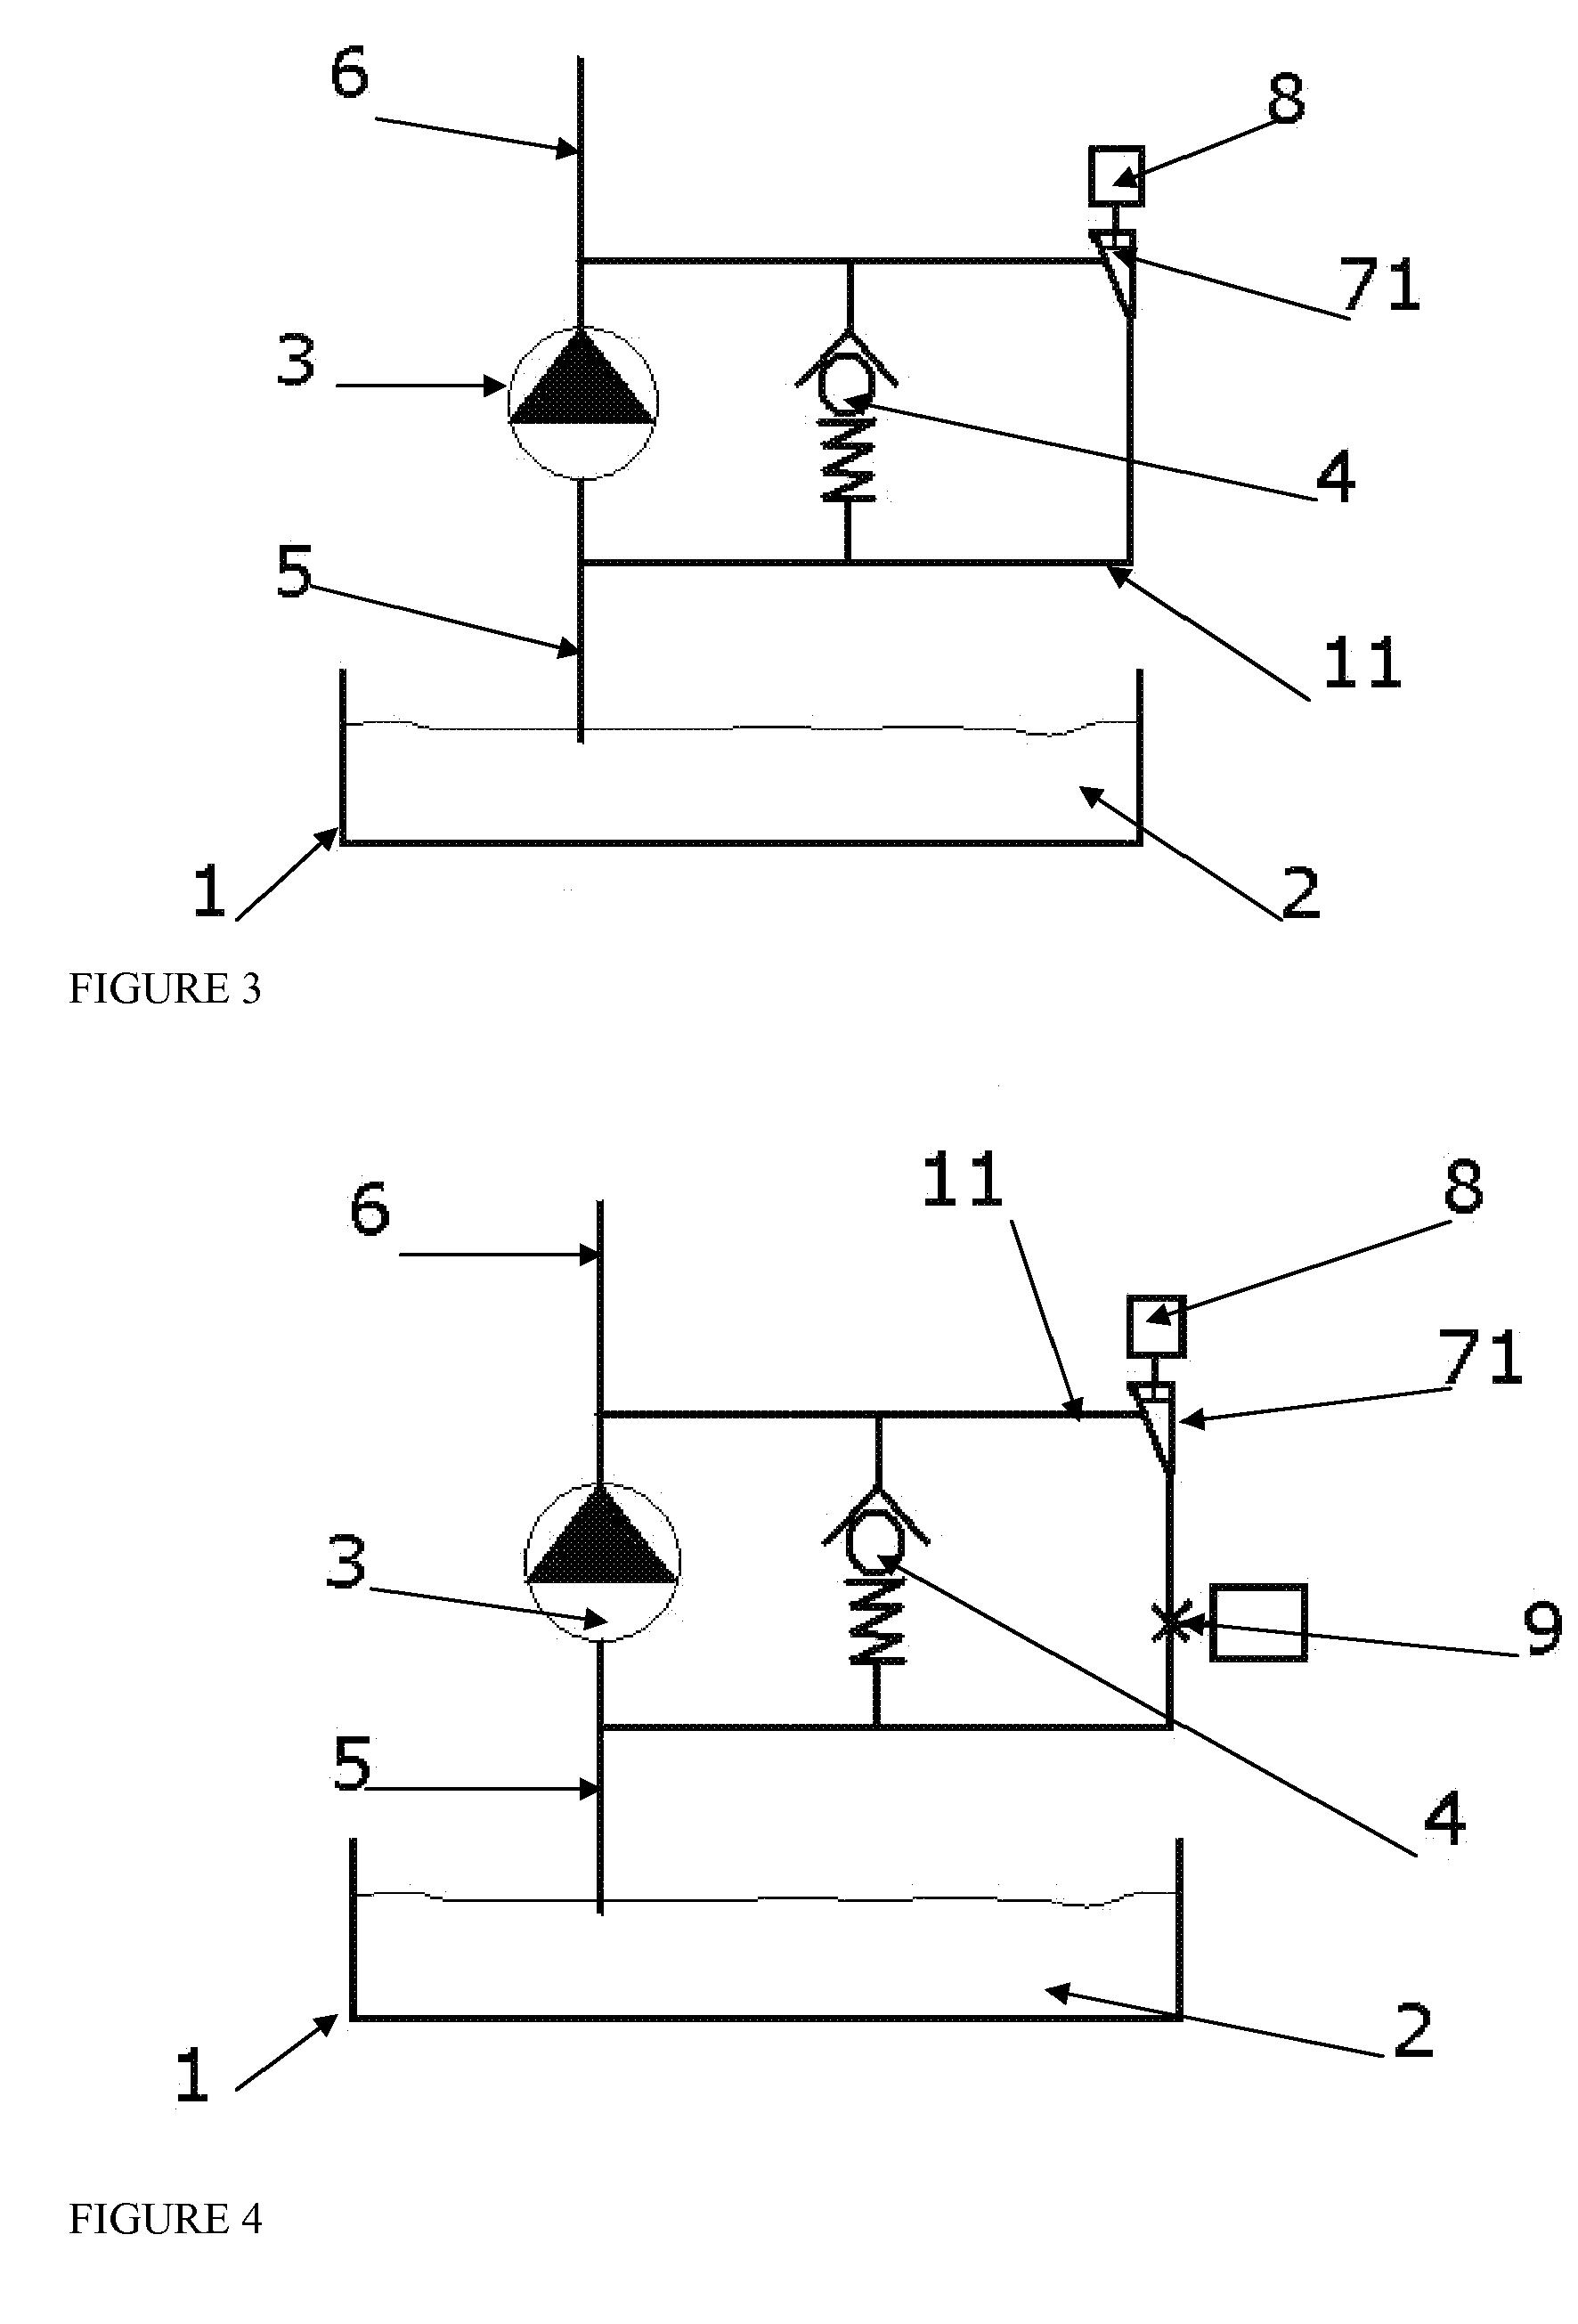 patente ep2090758a1 circuit de lubrification google patentes. Black Bedroom Furniture Sets. Home Design Ideas